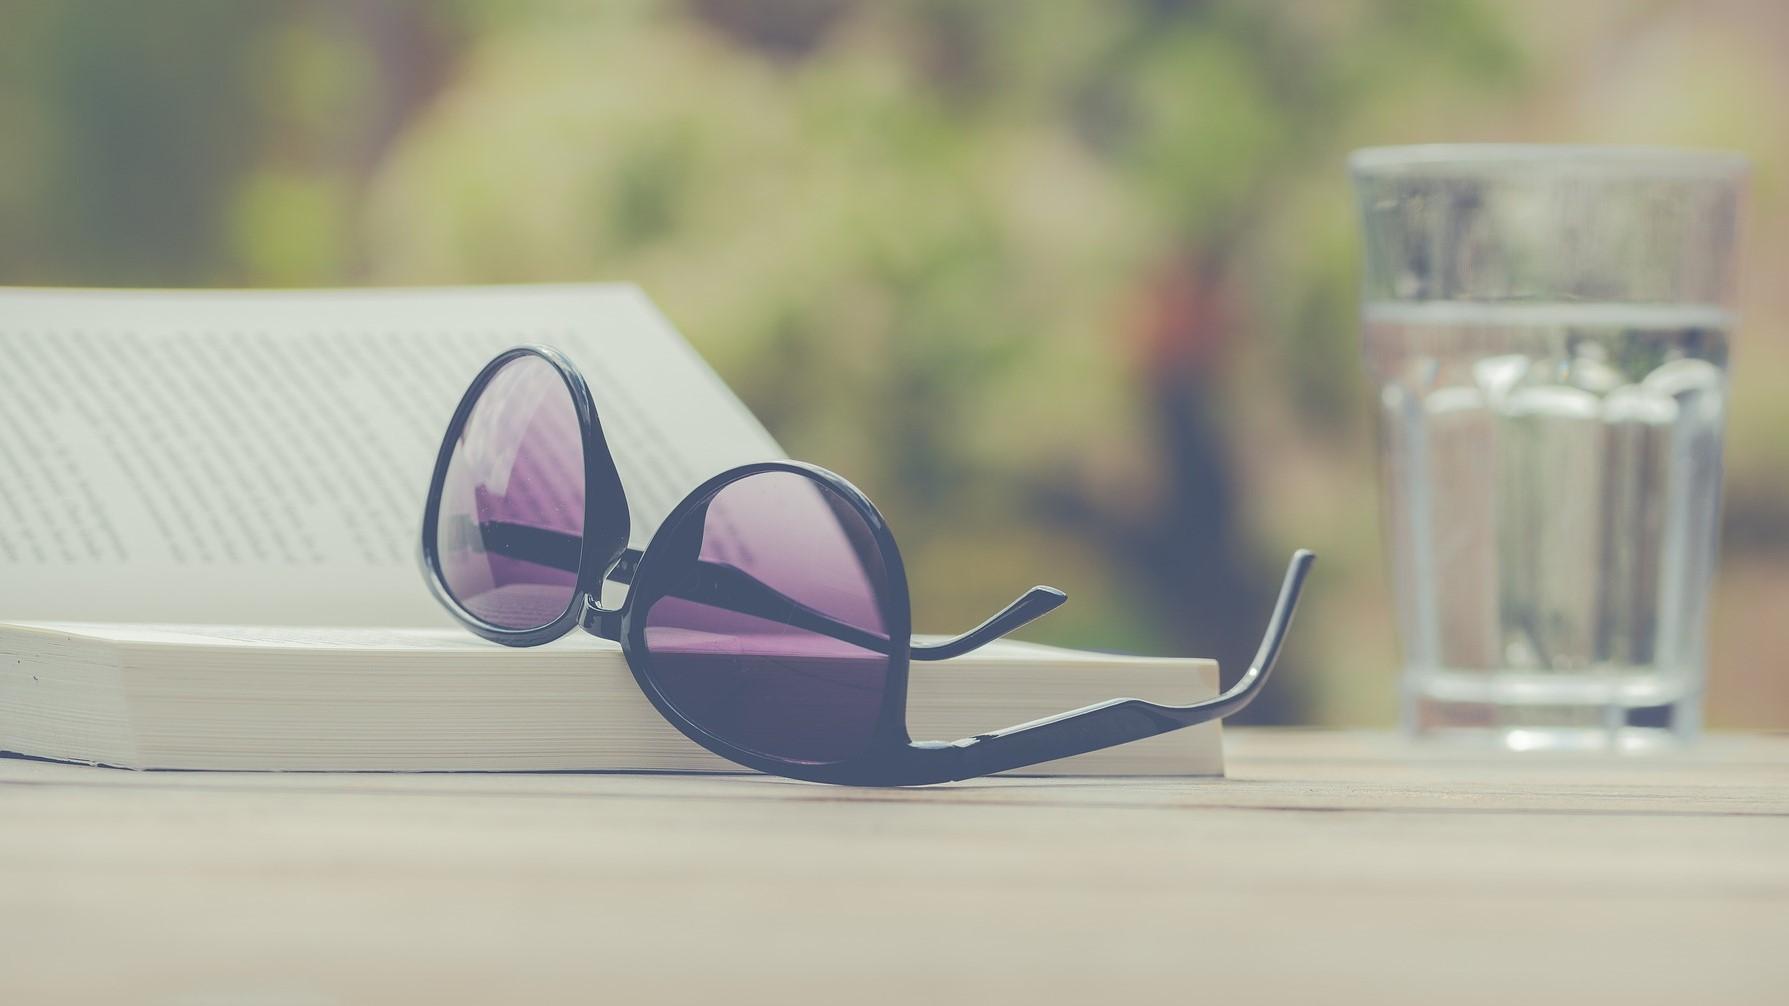 Kleine dingen in het leven. Een boek, zonnebril en glas water op tafel